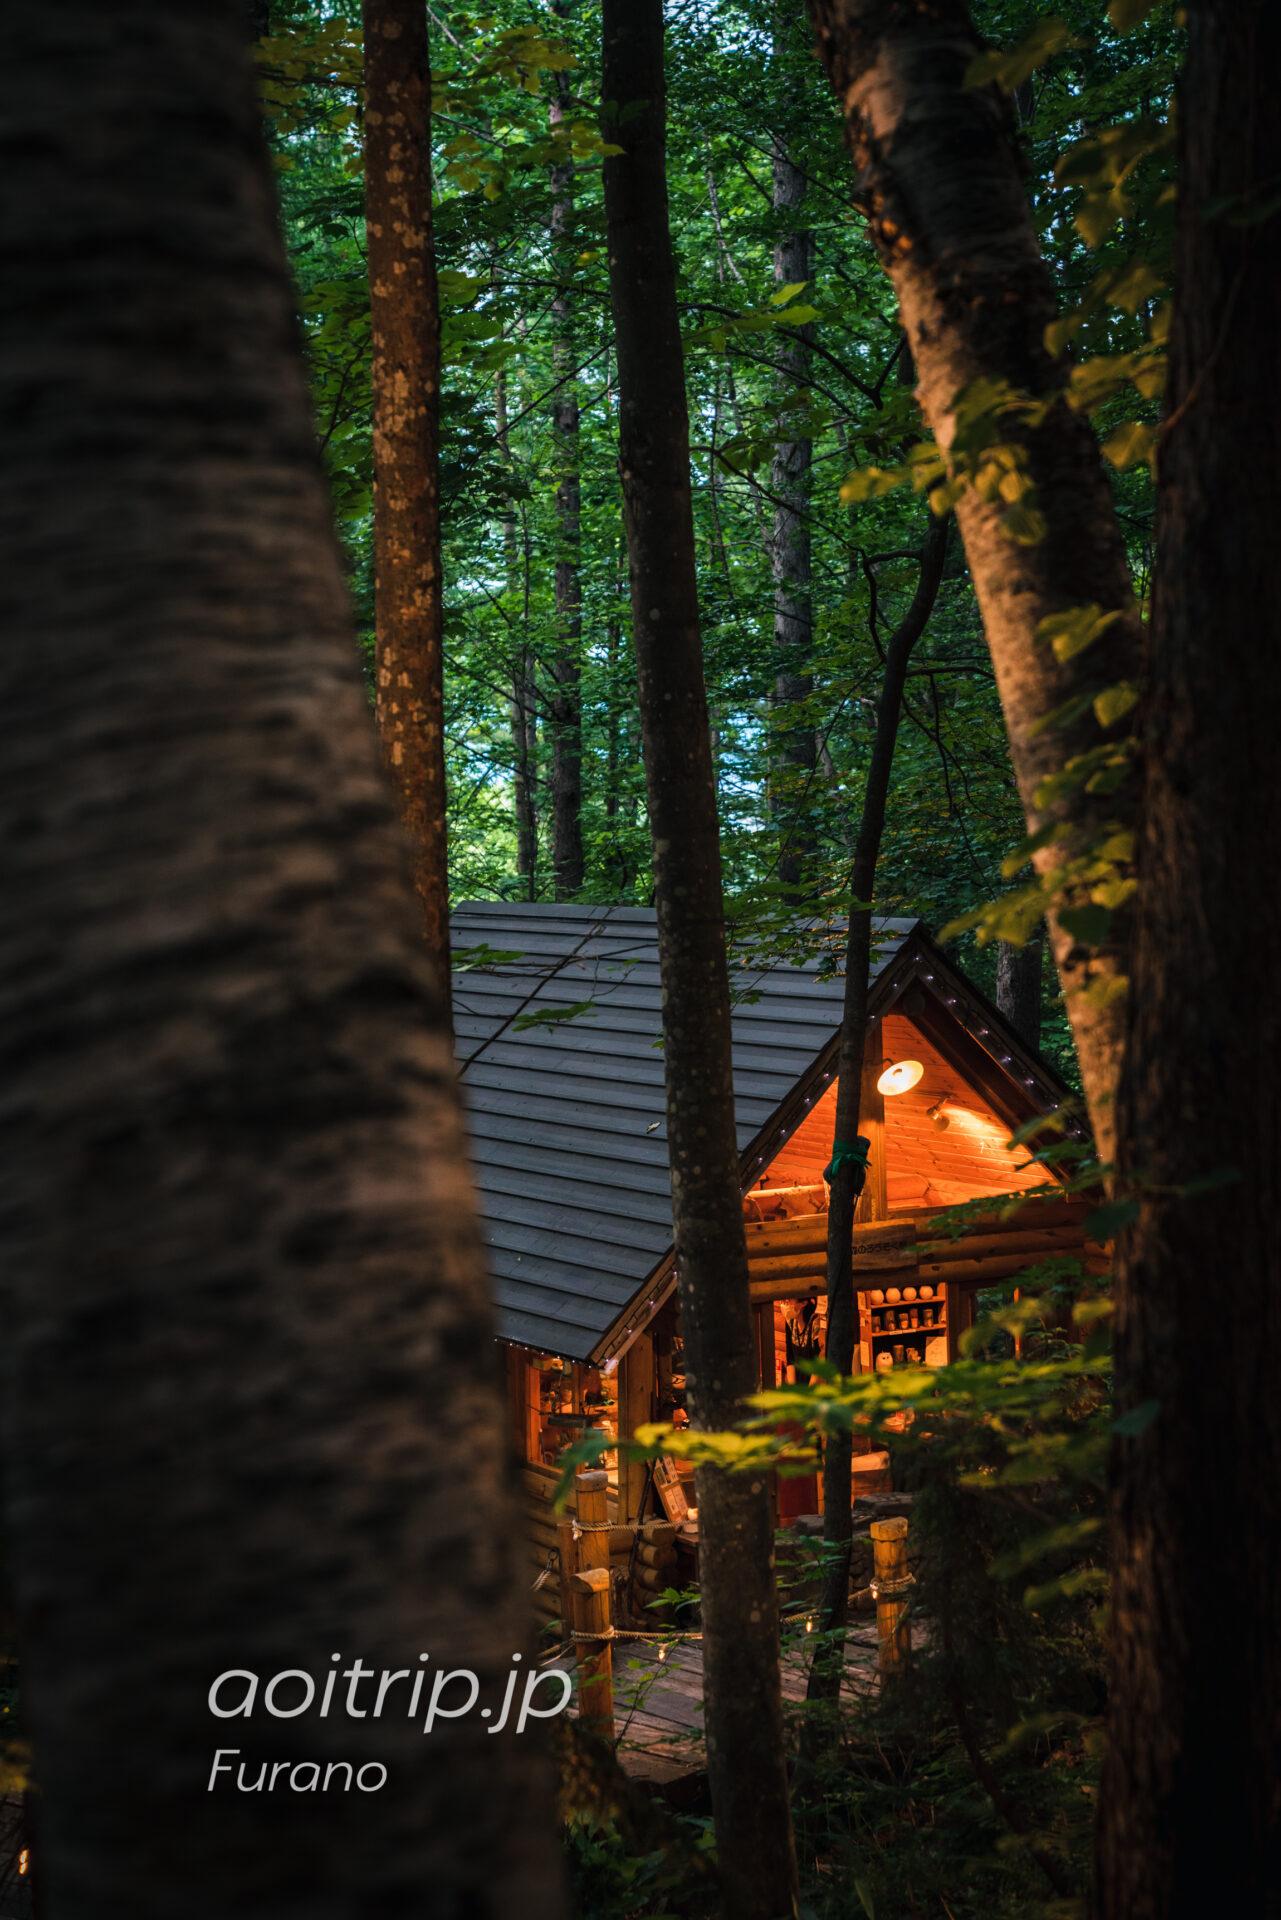 富良野のニングルテラス「森のろうそく屋」